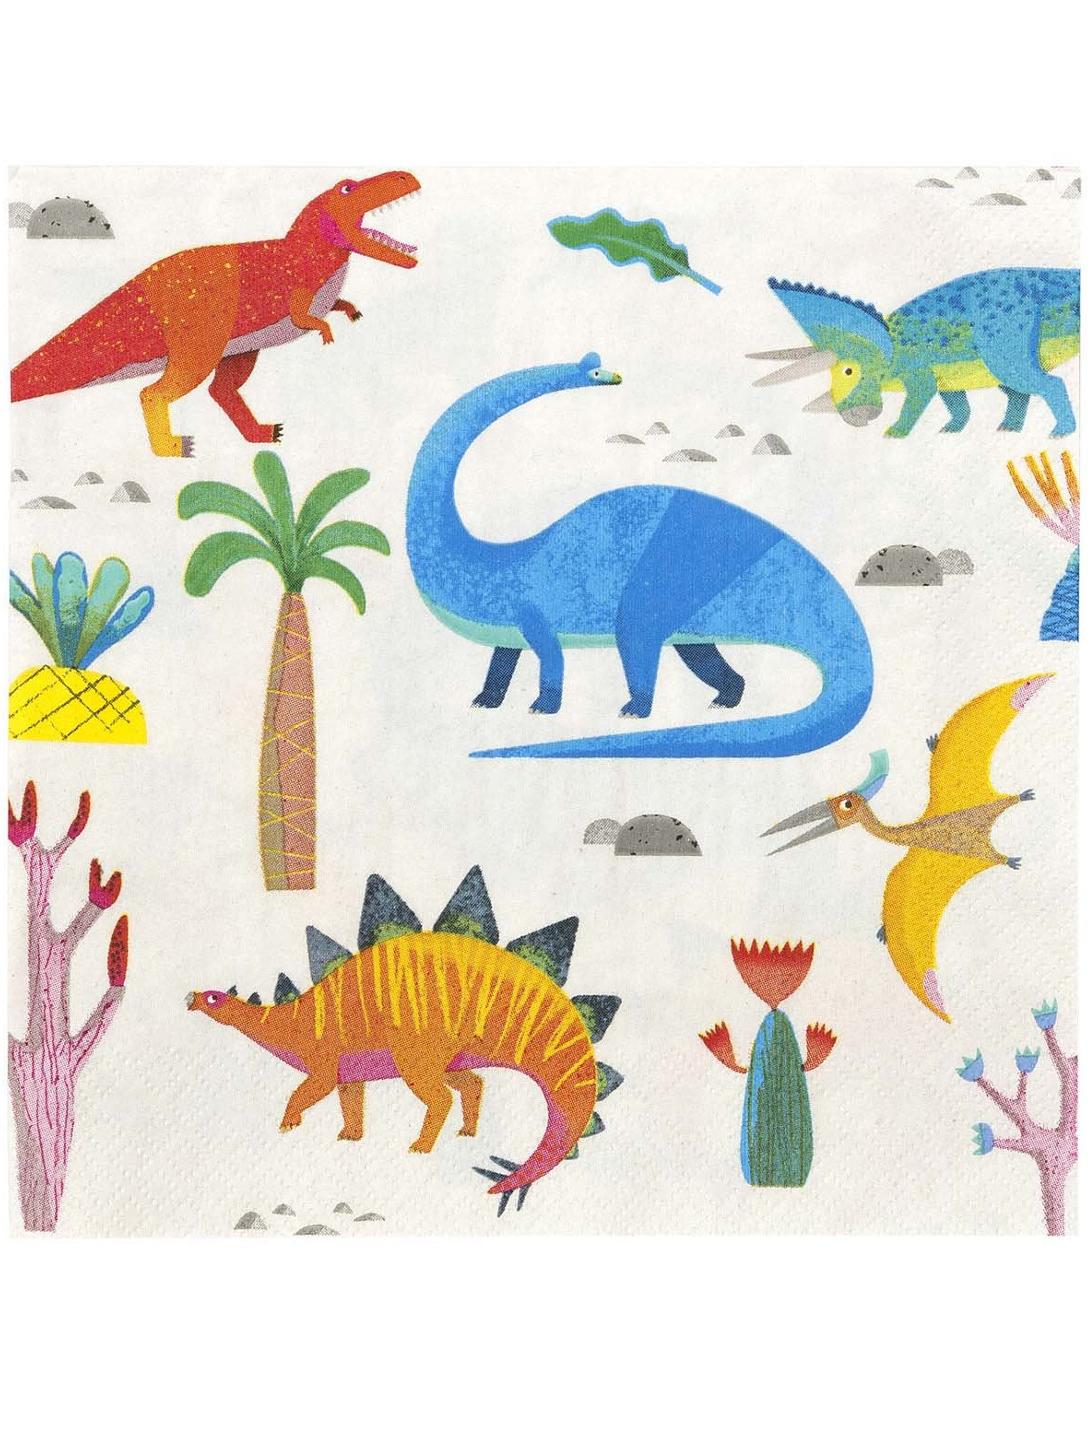 /blu 20/inviti per festa di compleanno per bambini dinosauro/